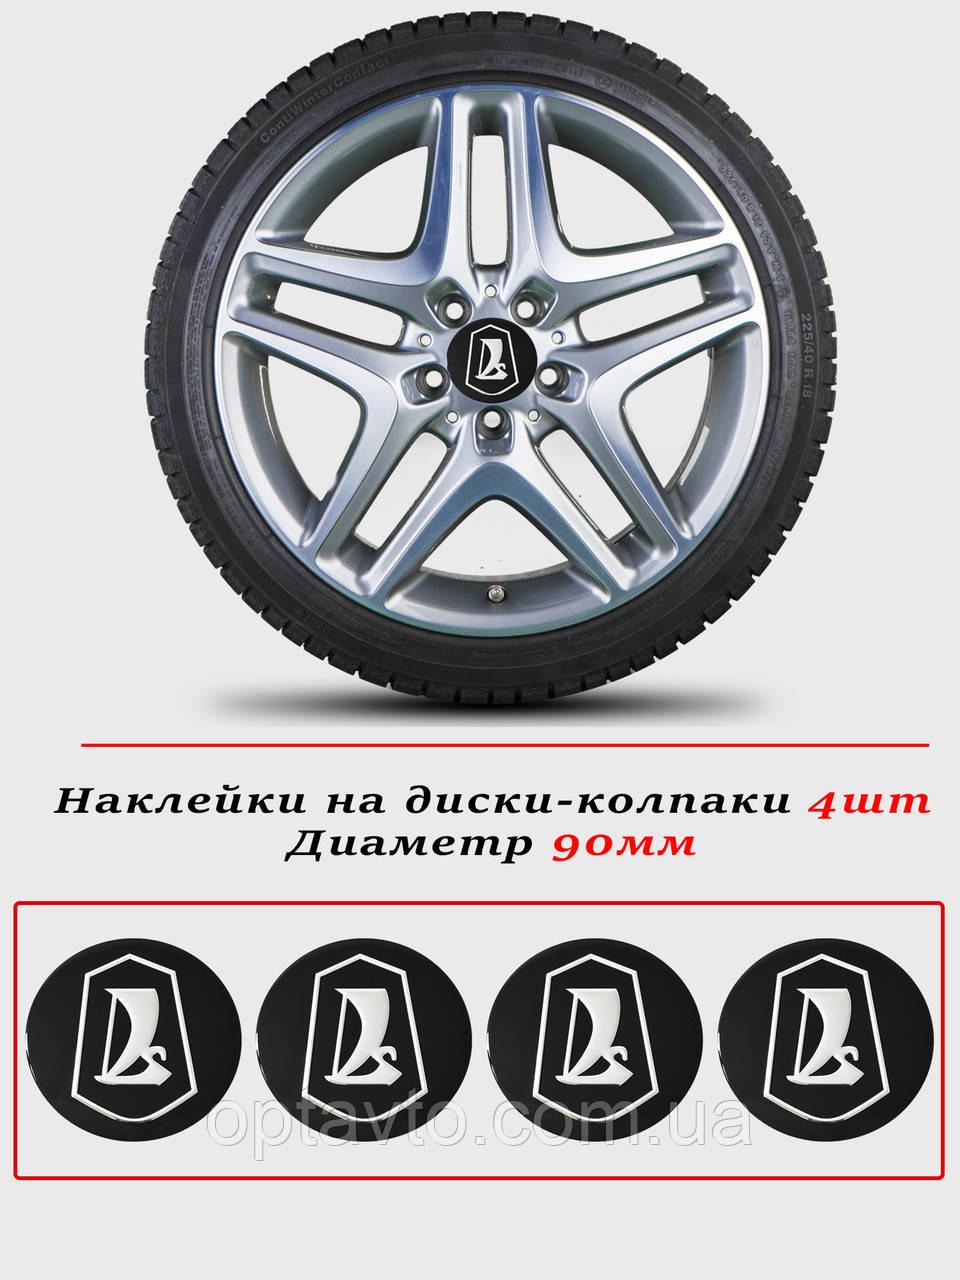 Наклейки на автомобильные колпаки и диски / комплект / диаметр 90 мм / LADA